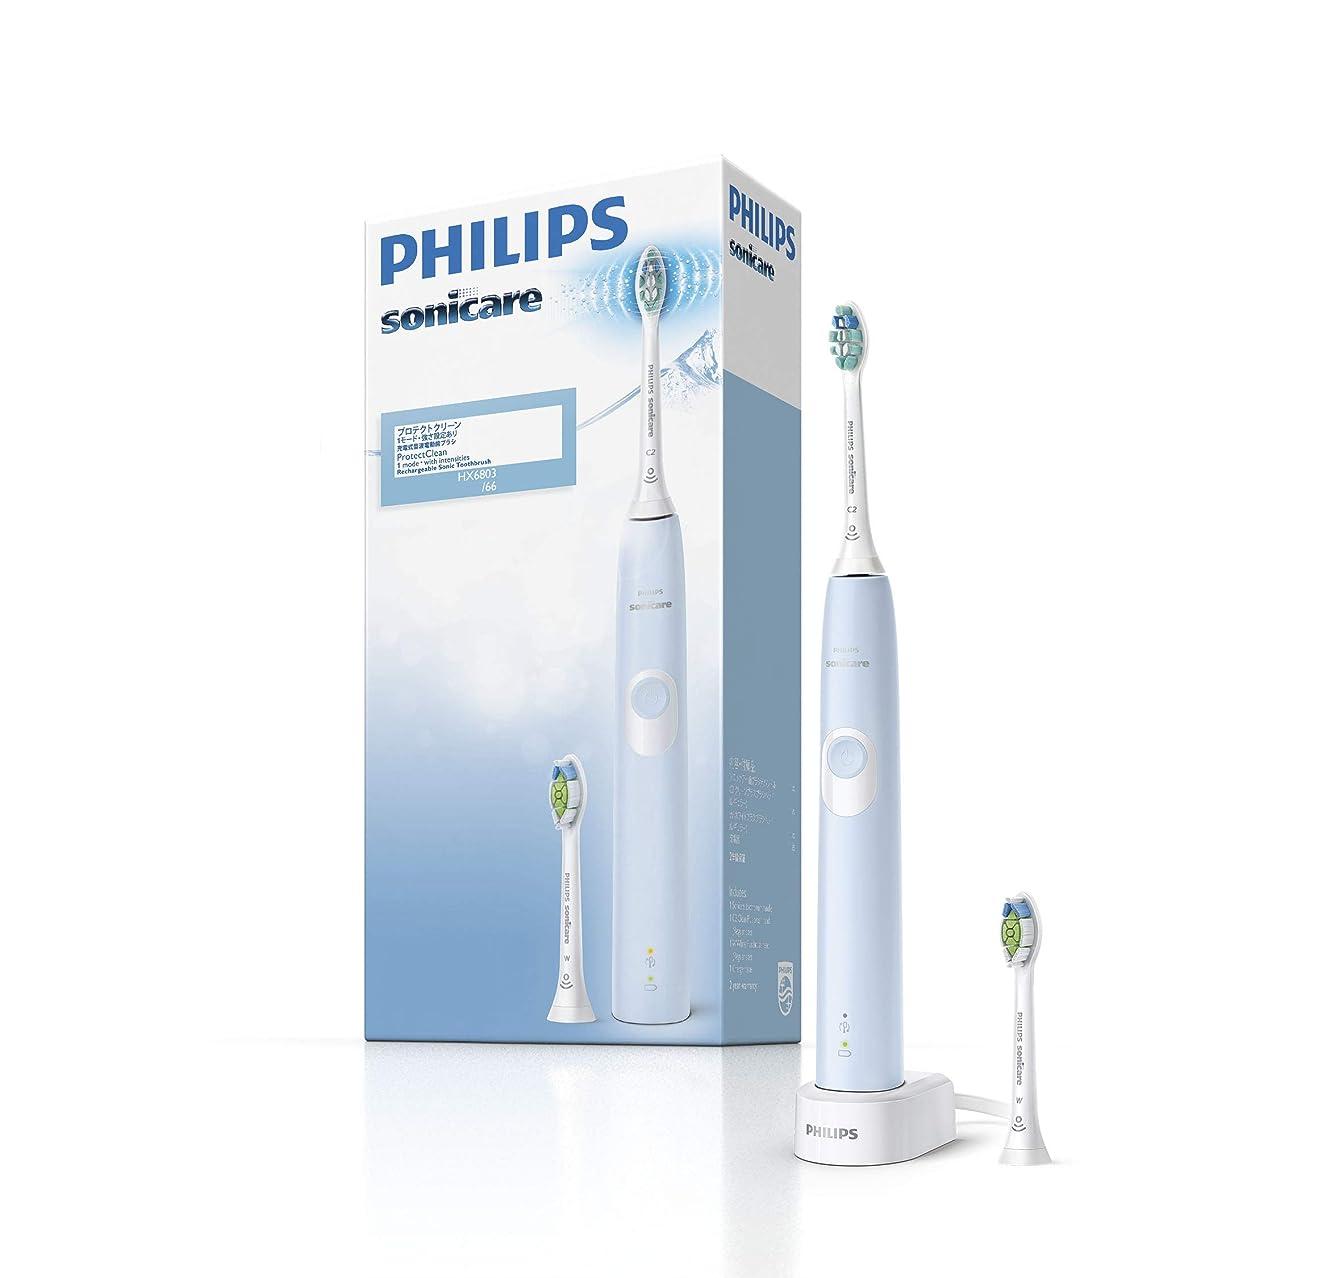 全体フレッシュ貝殻フィリップス ソニッケアー プロテクトクリーン 電動歯ブラシ ライトブルー HX6803/66